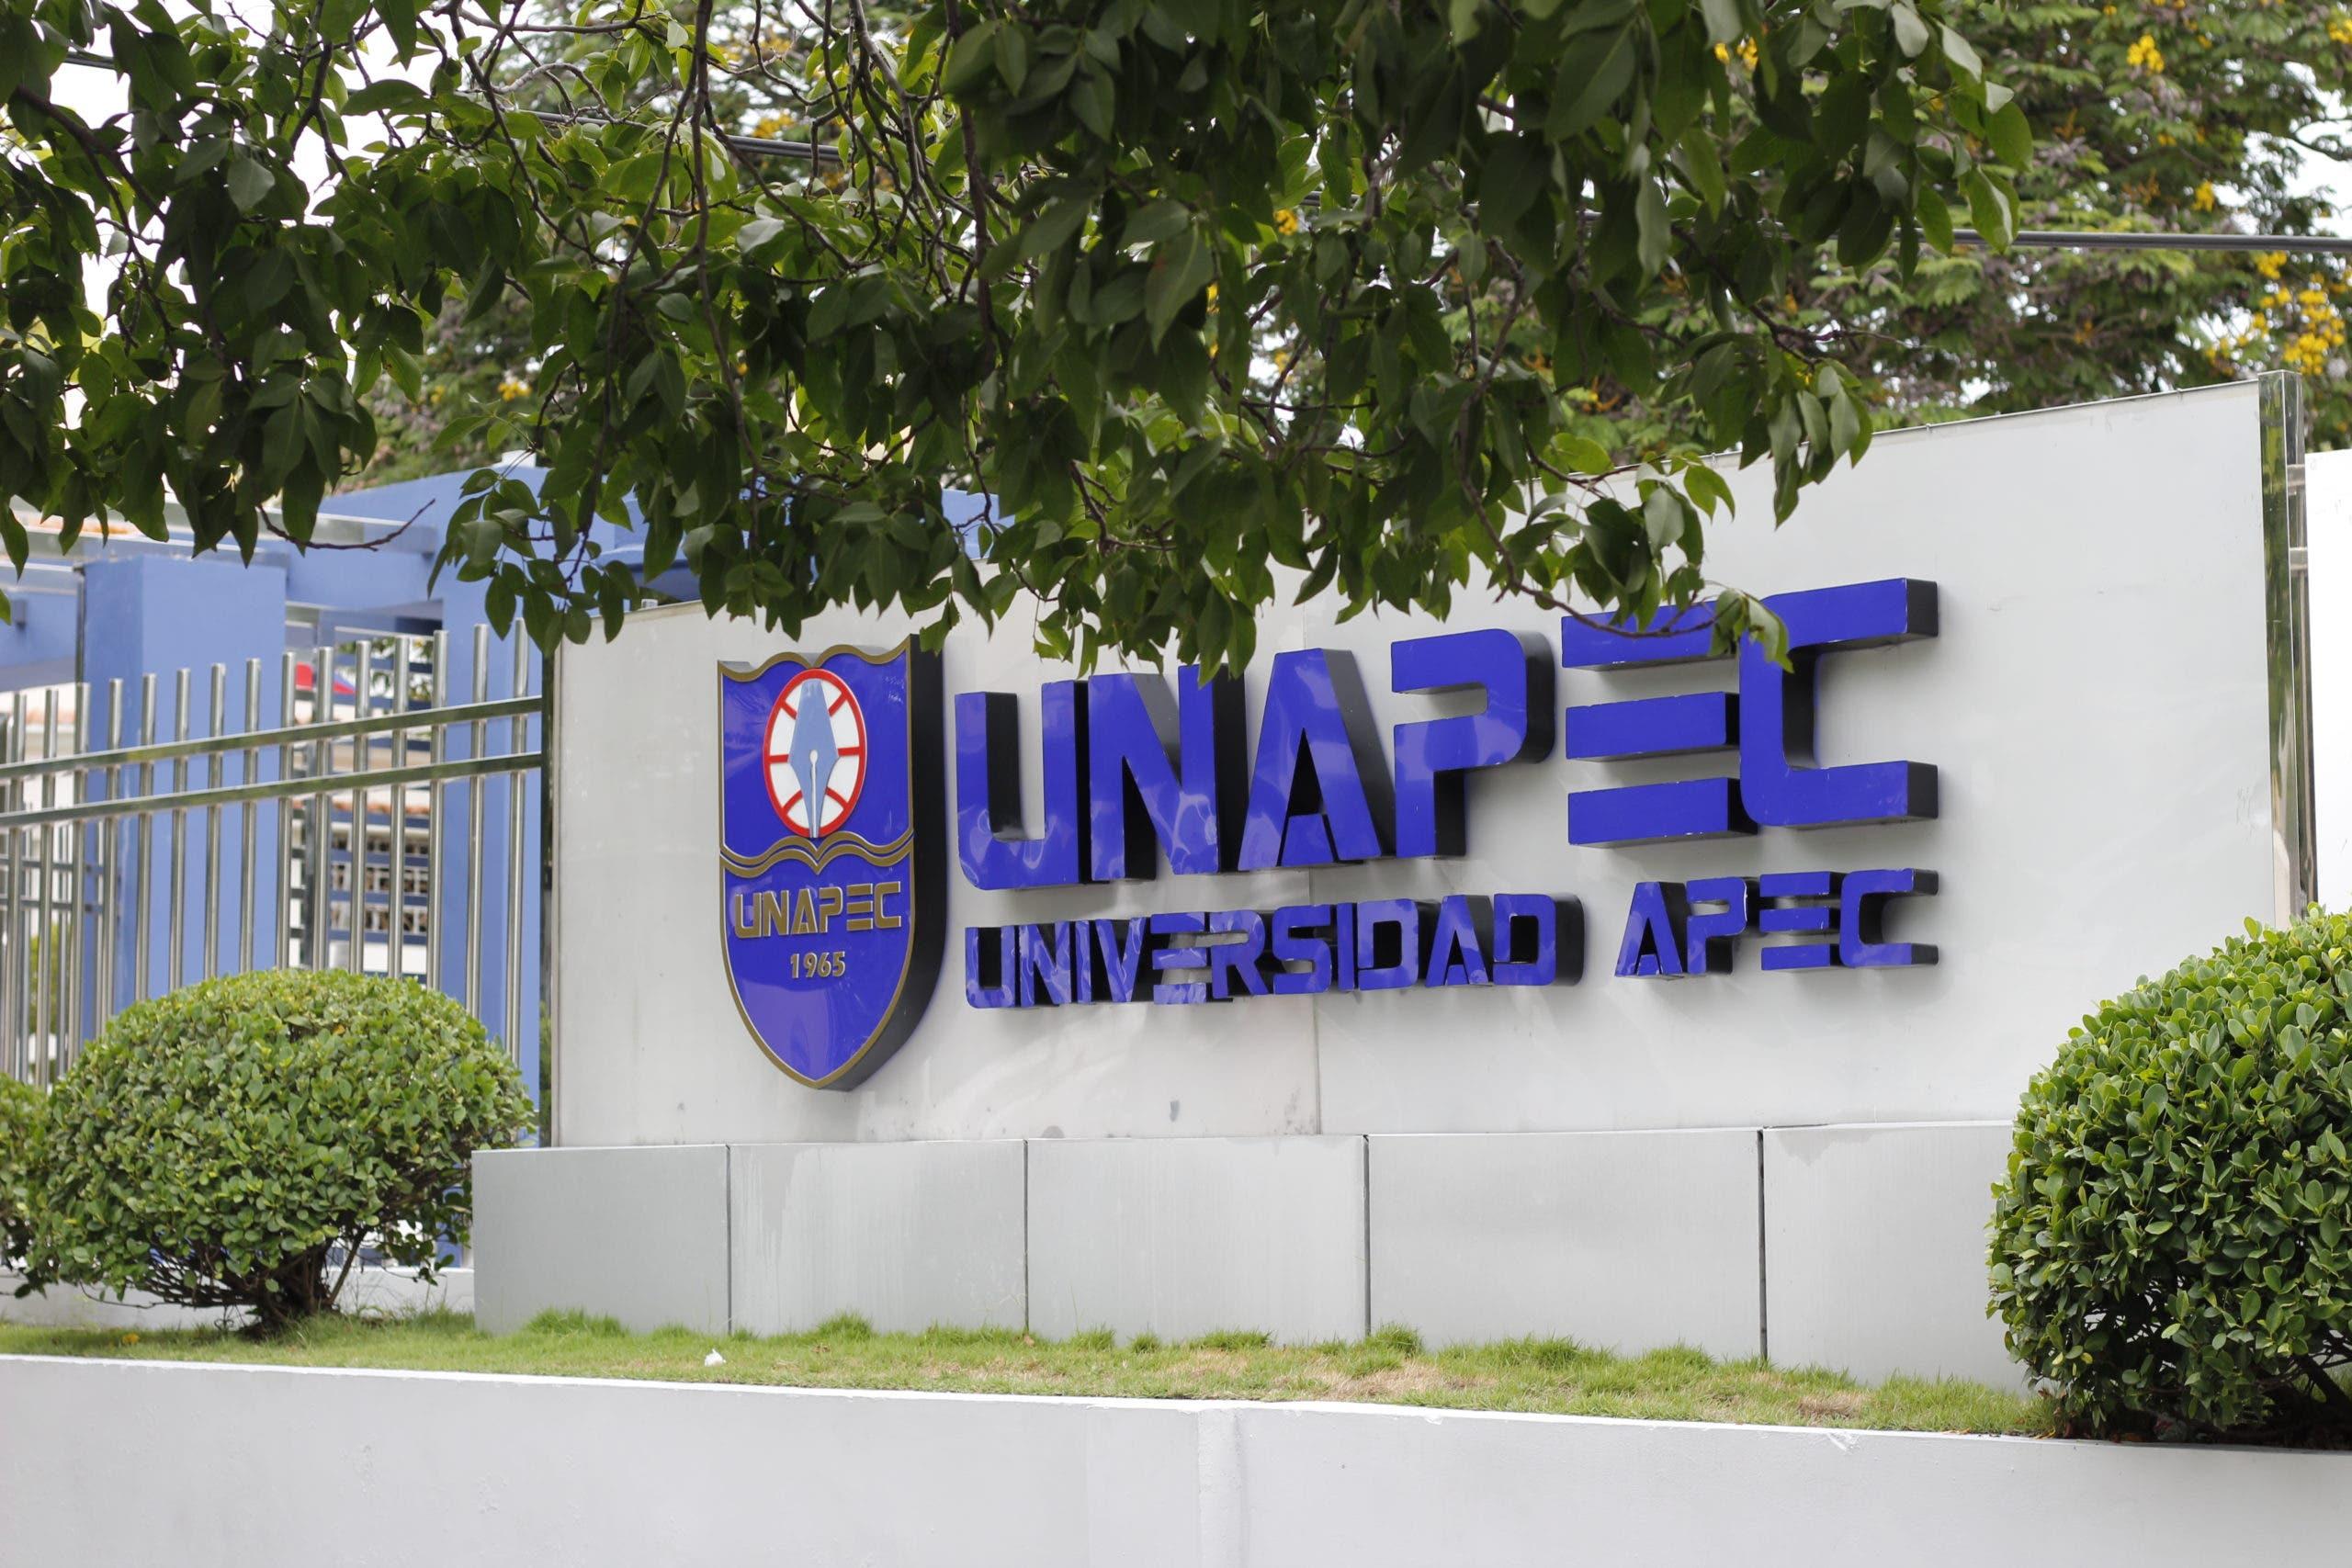 Unapec anuncia Doctorado en Comunicación en colaboración conuniversidad San Jorge de Zaragoza, España